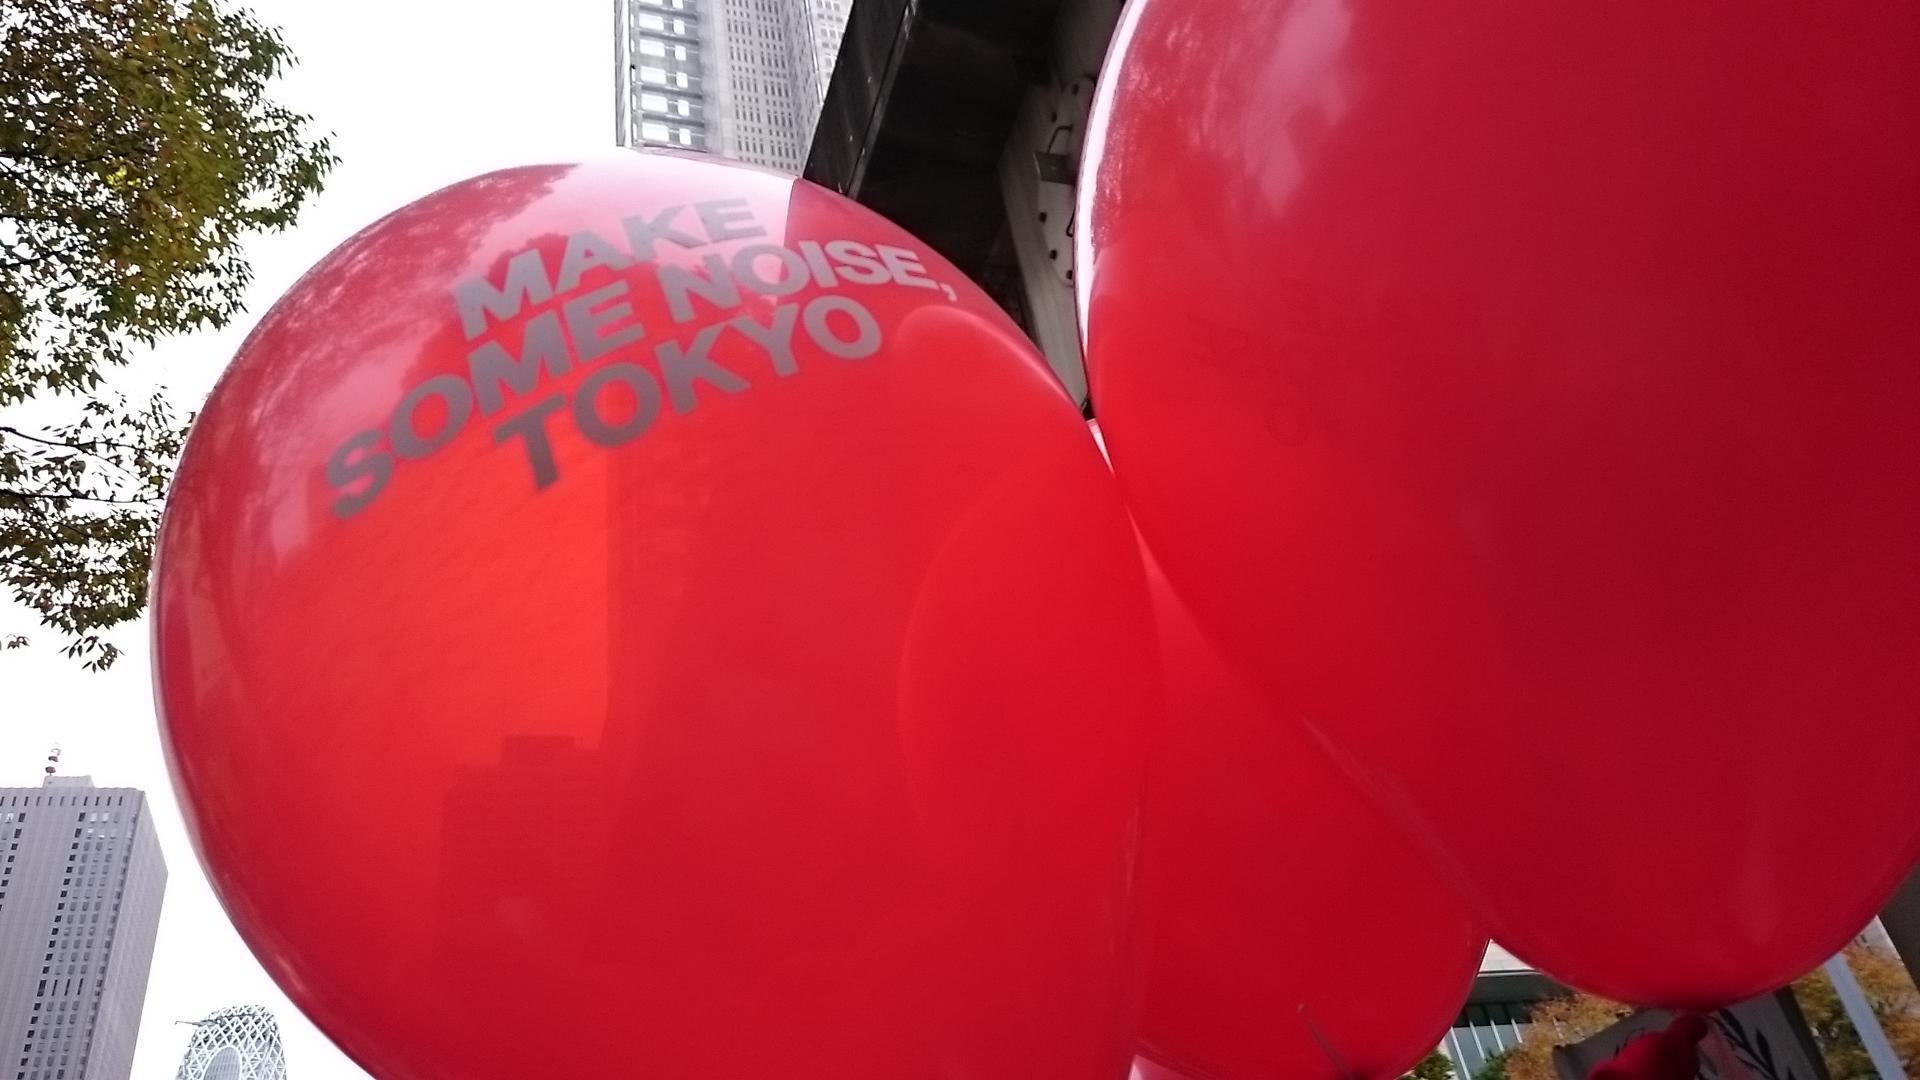 東京大行進2015!路上を歩くこと、それは自分の中にある「希望」を保つためでもある。